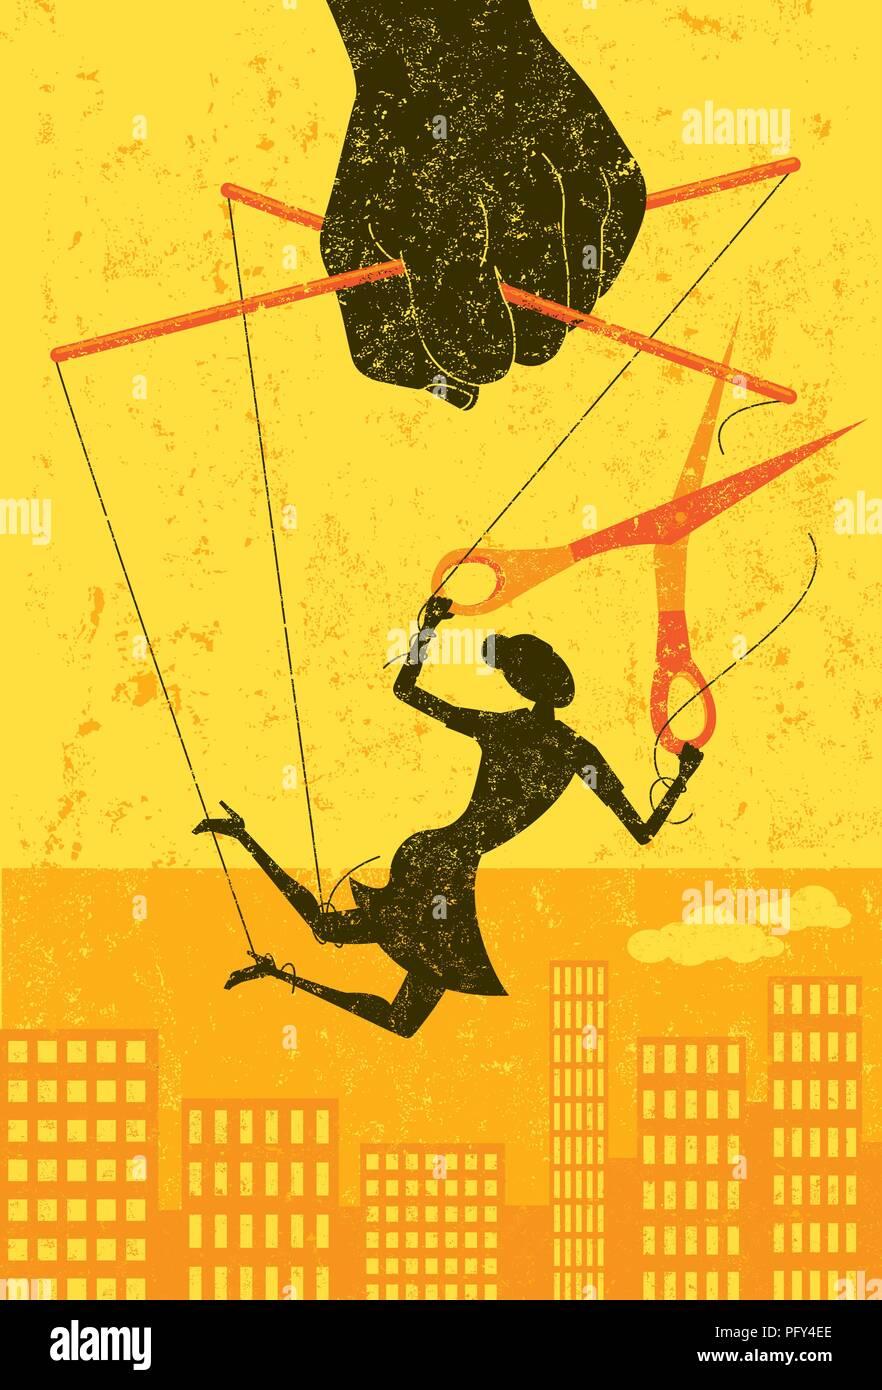 Escapar de un control de jefe. Una empresaria, retratado como un títere en una cadena, cortes a sí misma fuera de control manipuladora para ganar su libertad. Ilustración del Vector